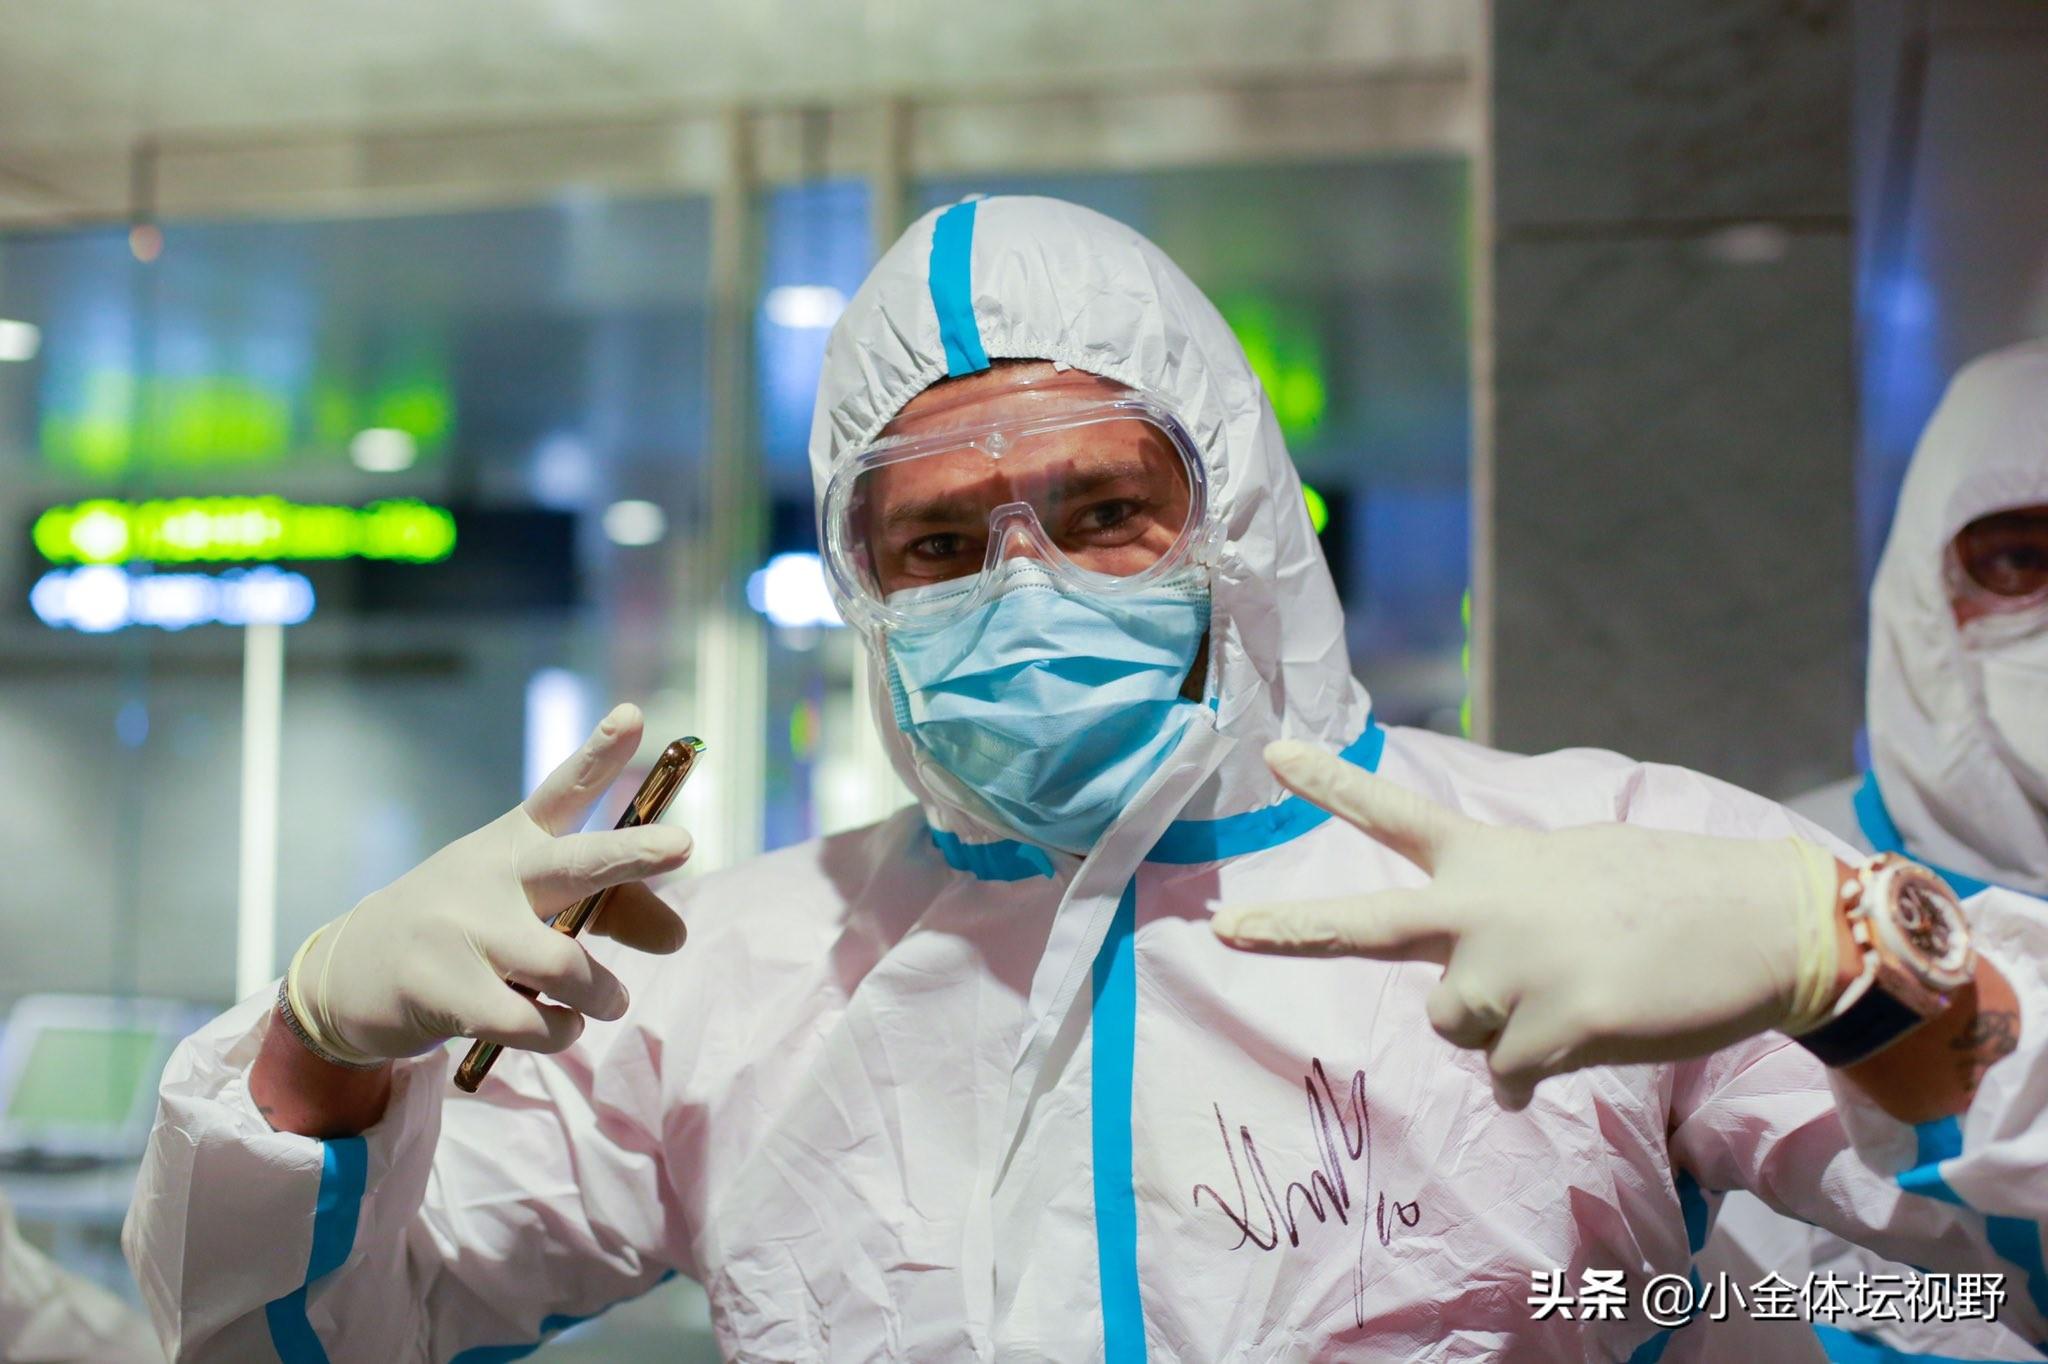 上港申花抵达多哈,申花外援发推称像拍电影,国外网友送祝福